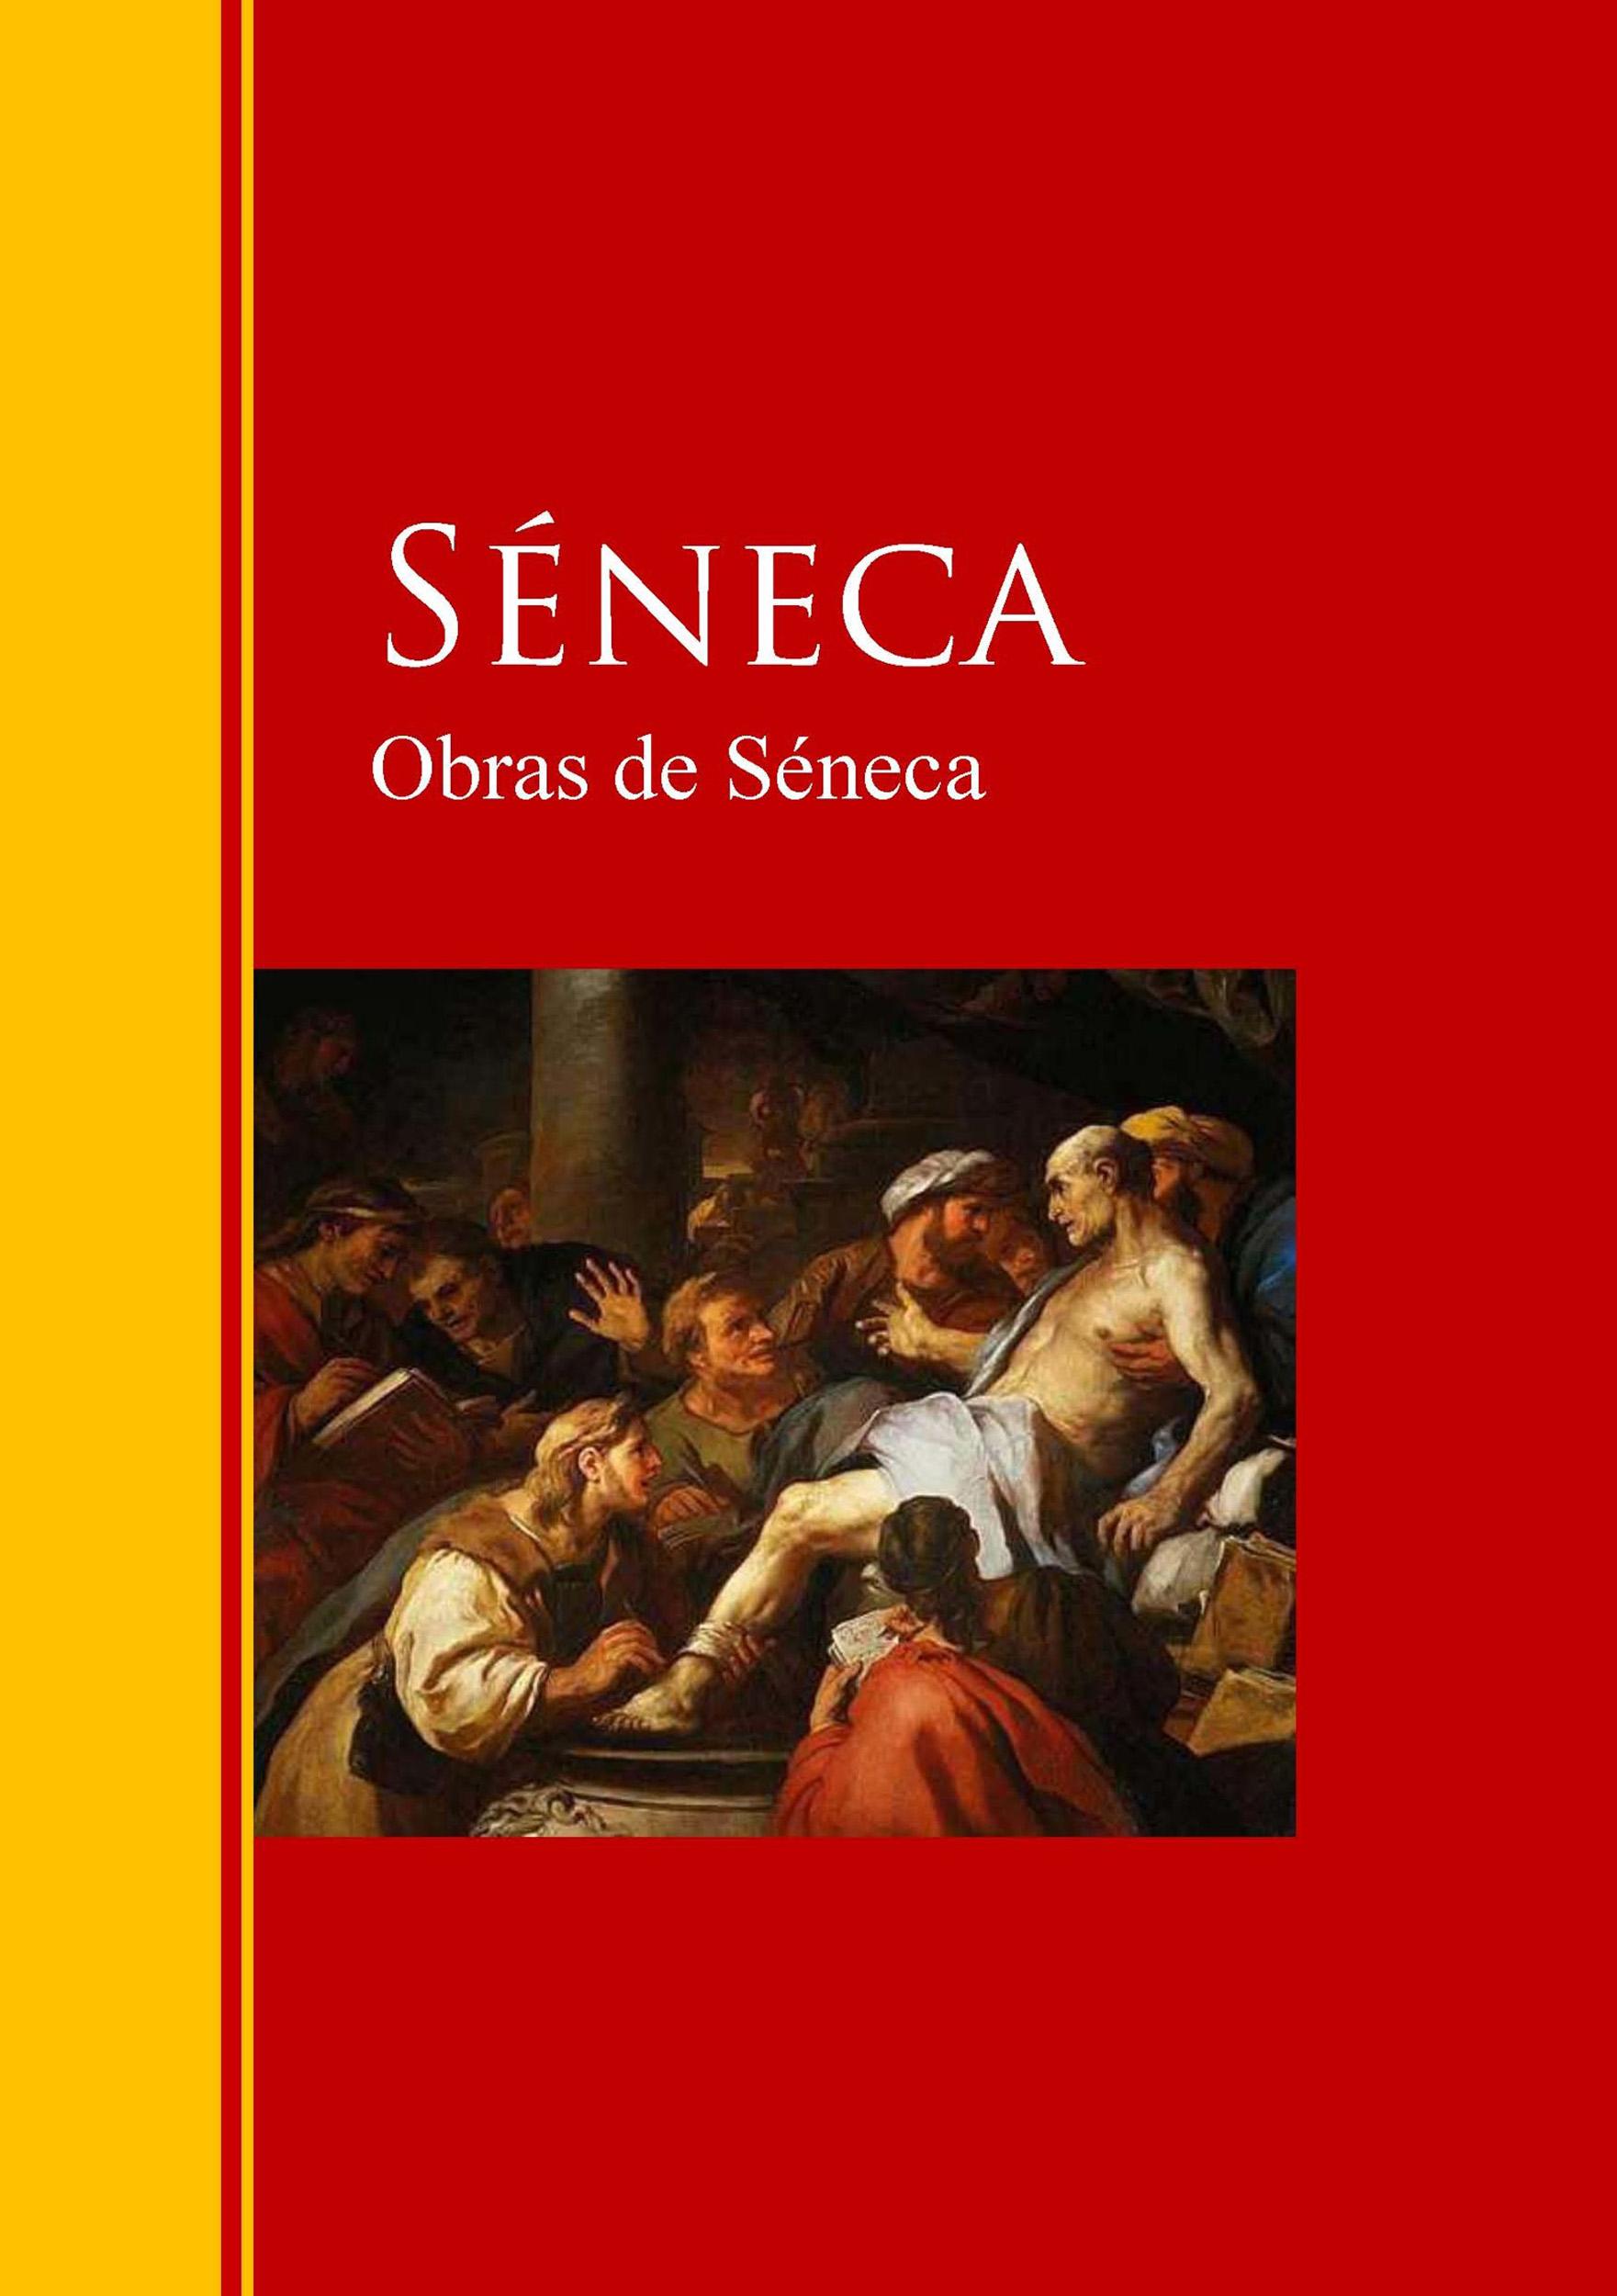 Seneca Obras de Séneca